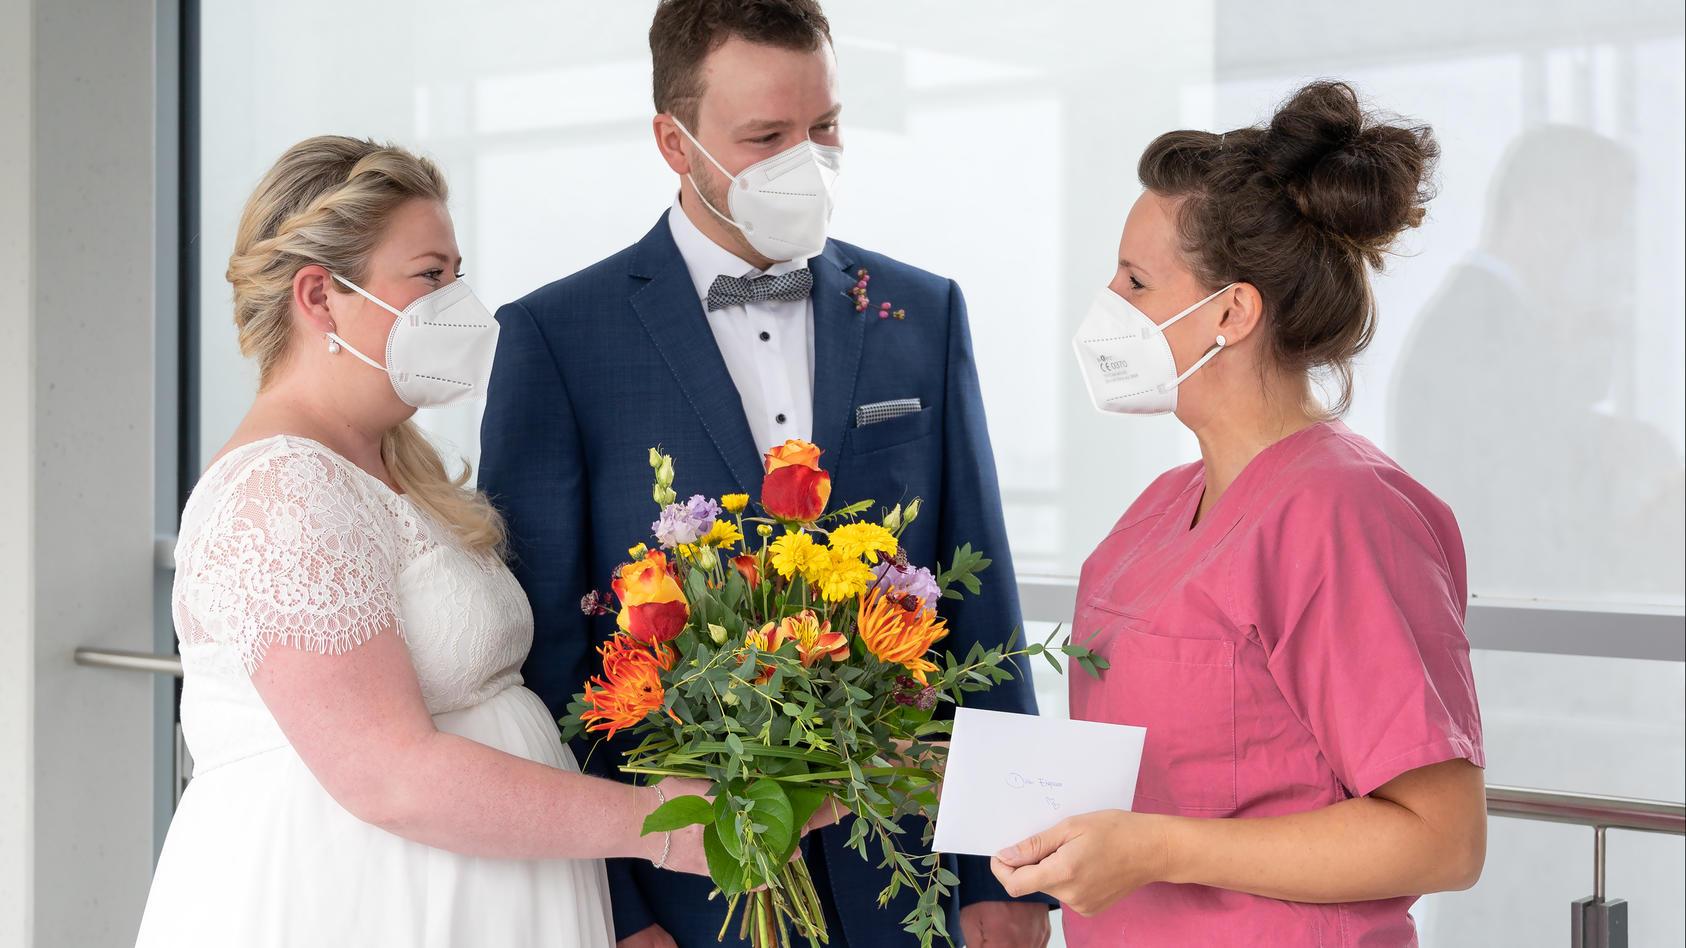 Anna und Markus N. (links und Bildmitte) nehmen die Gratulation von Josephine Prager, Hebamme der Universitätsklinik und Poliklinik für Geburtshilfe und Pränatalmedizin, entgegen (rechts im Bild).